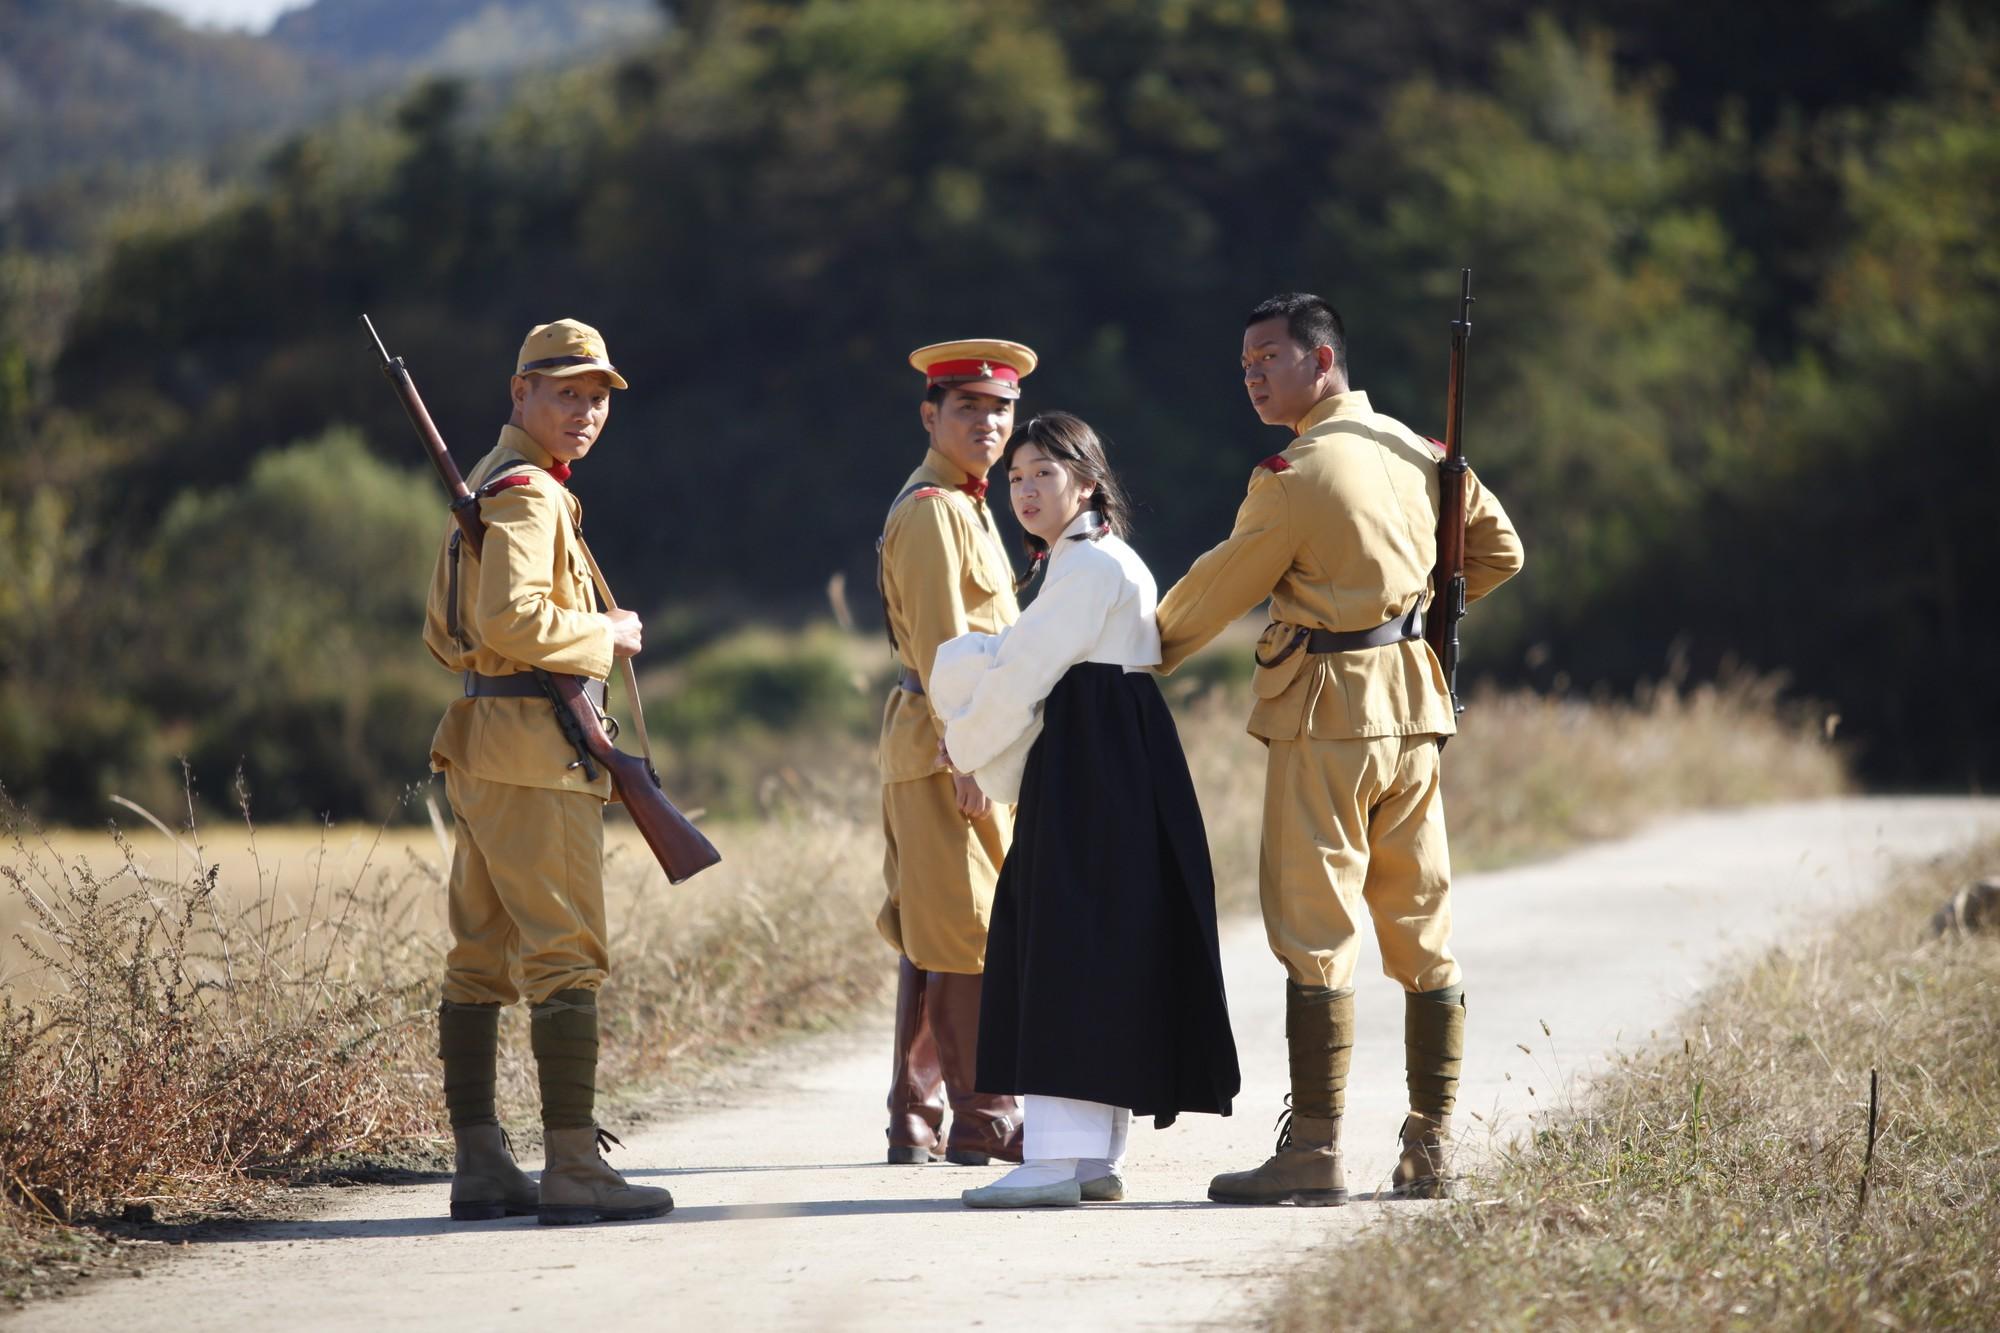 Sao nhí Hàn Quốc bị netizen Nhật uy hiếp vì đóng phim về nô lệ tình dục thời chiến - Ảnh 3.